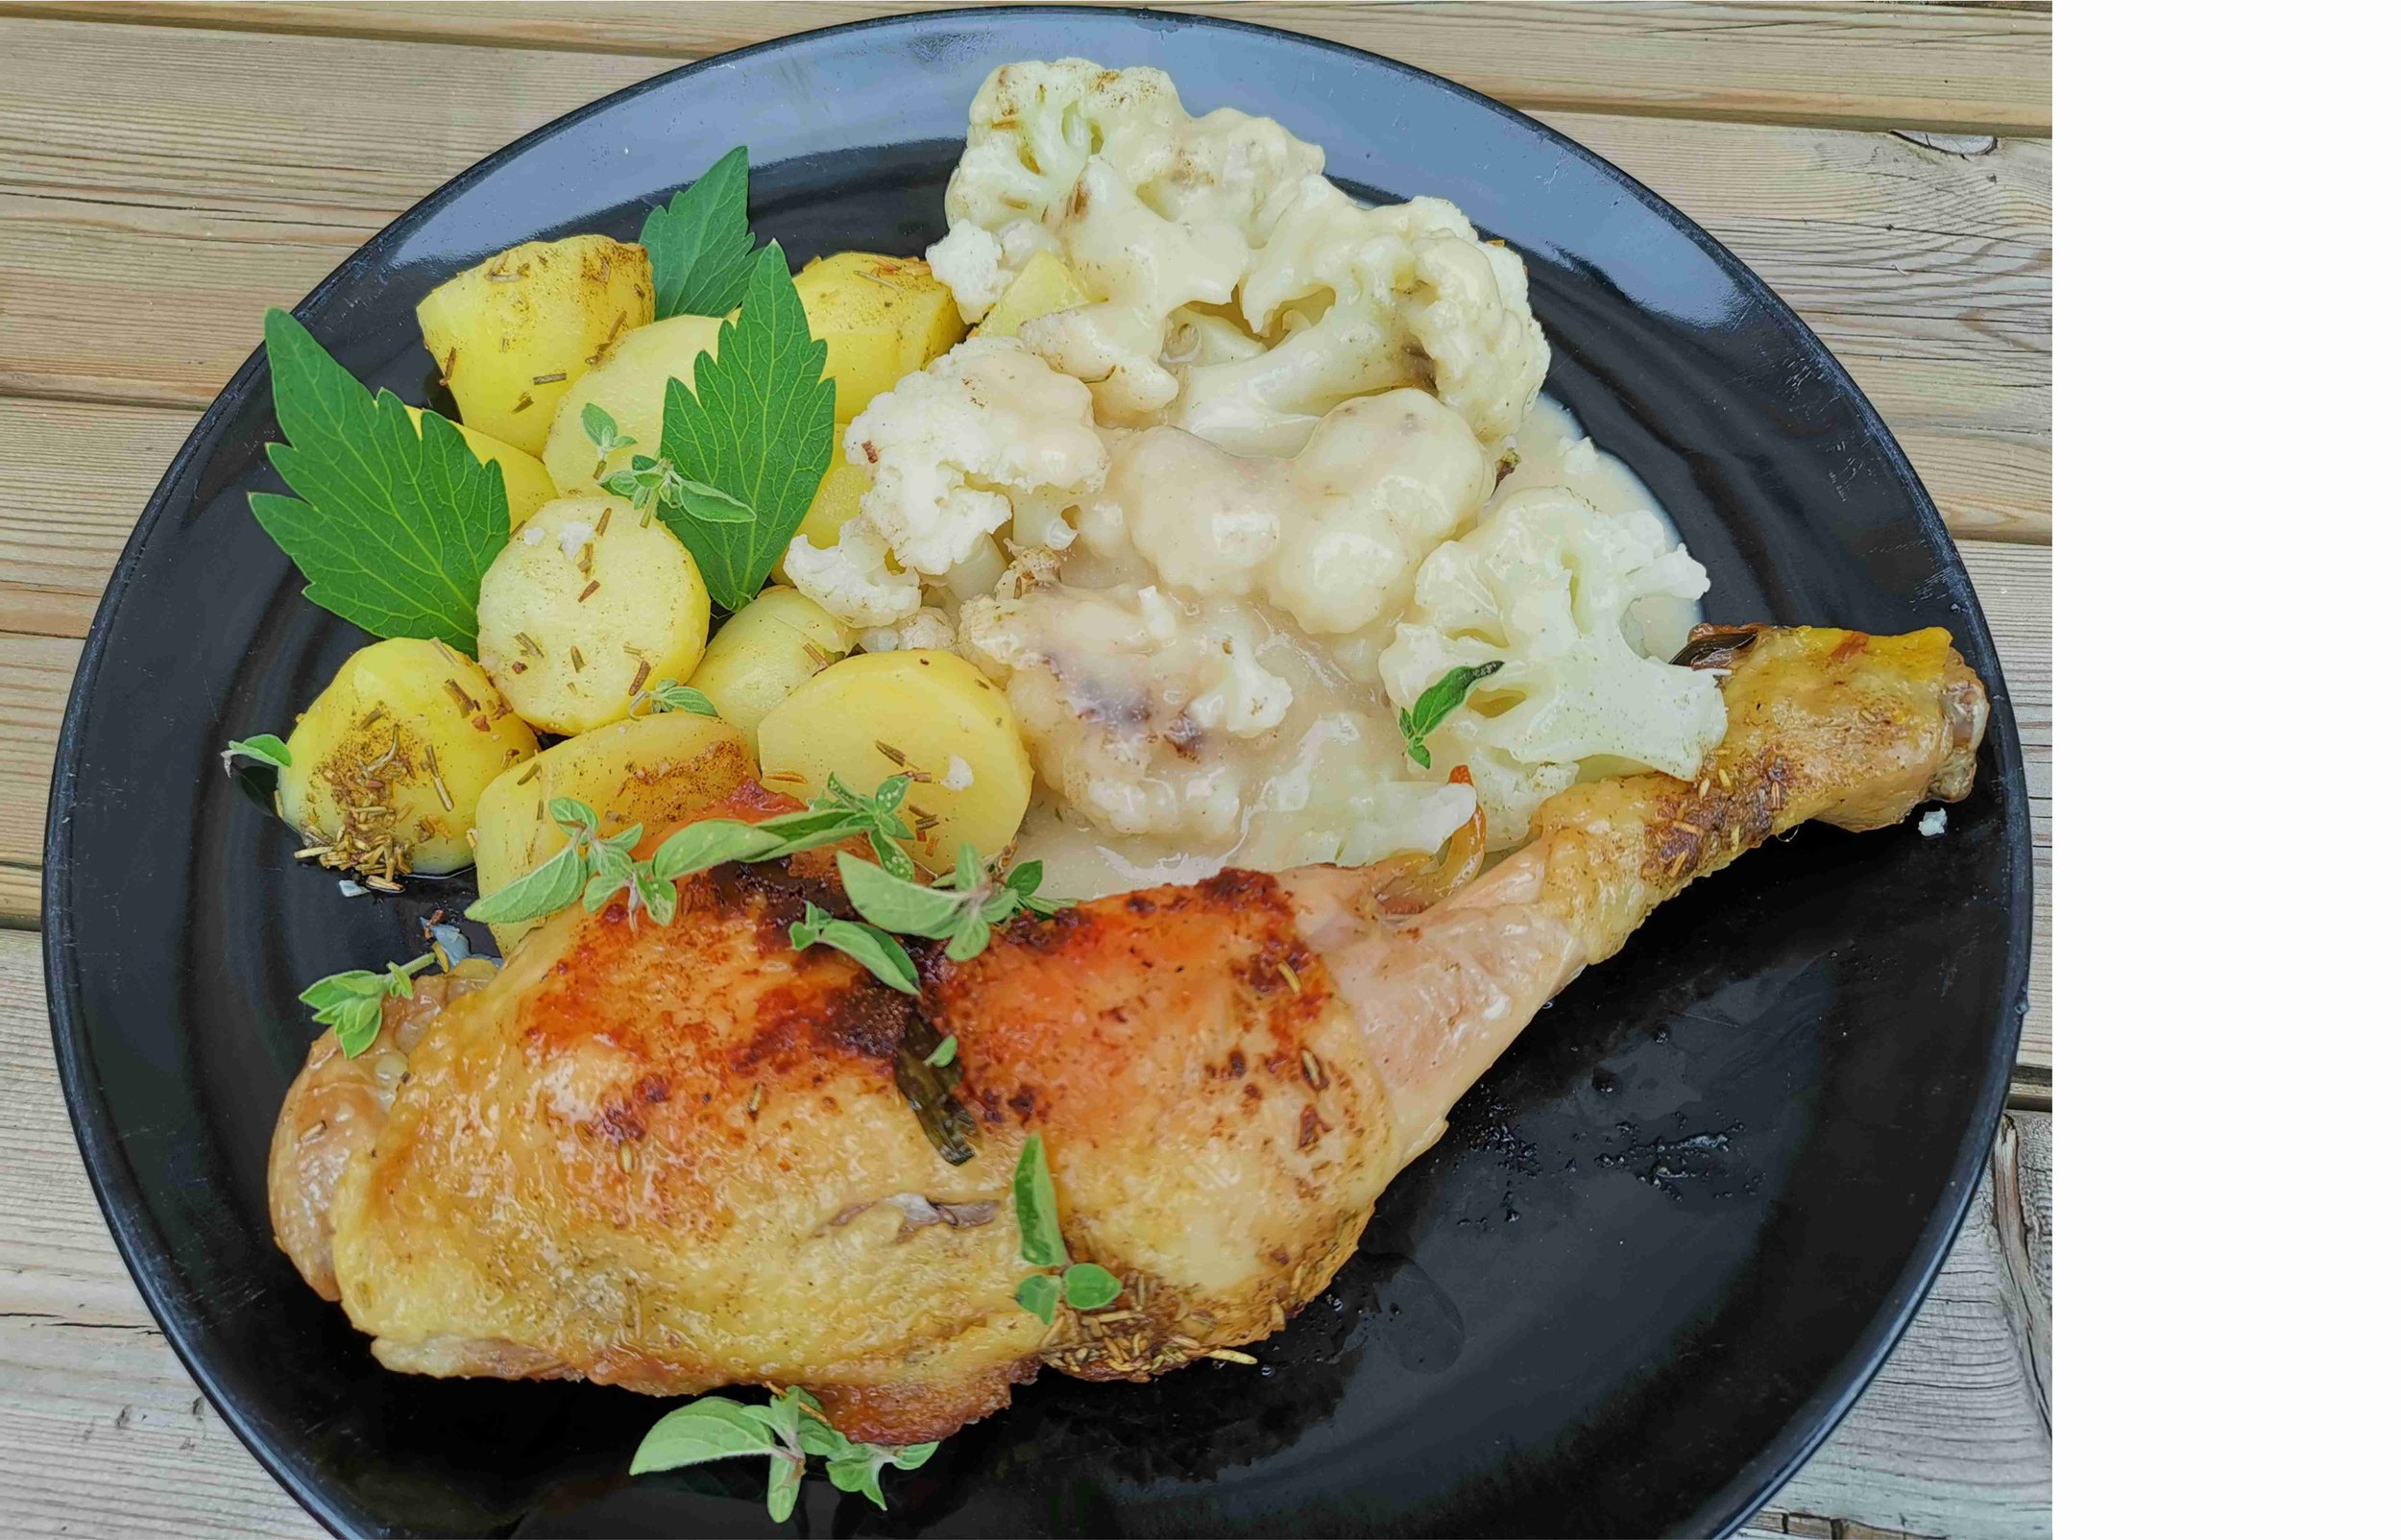 Vlaamse klassieker - Bloemkool met 'kaassaus', aardappelen en kip.Ik maak mijn groenten steeds klaar in een stoomkoker. De (biologische) kip laat ik langzaam garen in een afgedekte pan.Voor de 'kaassaus' gebruik ik:- 400ml gierst- of rijstmelk- een handvol edelgistvlokken- snuifje Herbamare, zwarte peper en nootmuskaat- een soeplepel (of meer) arrowrootDe edelgistvlokken geven de saus een kaasachtige smaak. De arrowroot zal de saus binden en dikken. Zie hieronder voor meer info omtrent verdikkingsmiddelen voor sauzen.